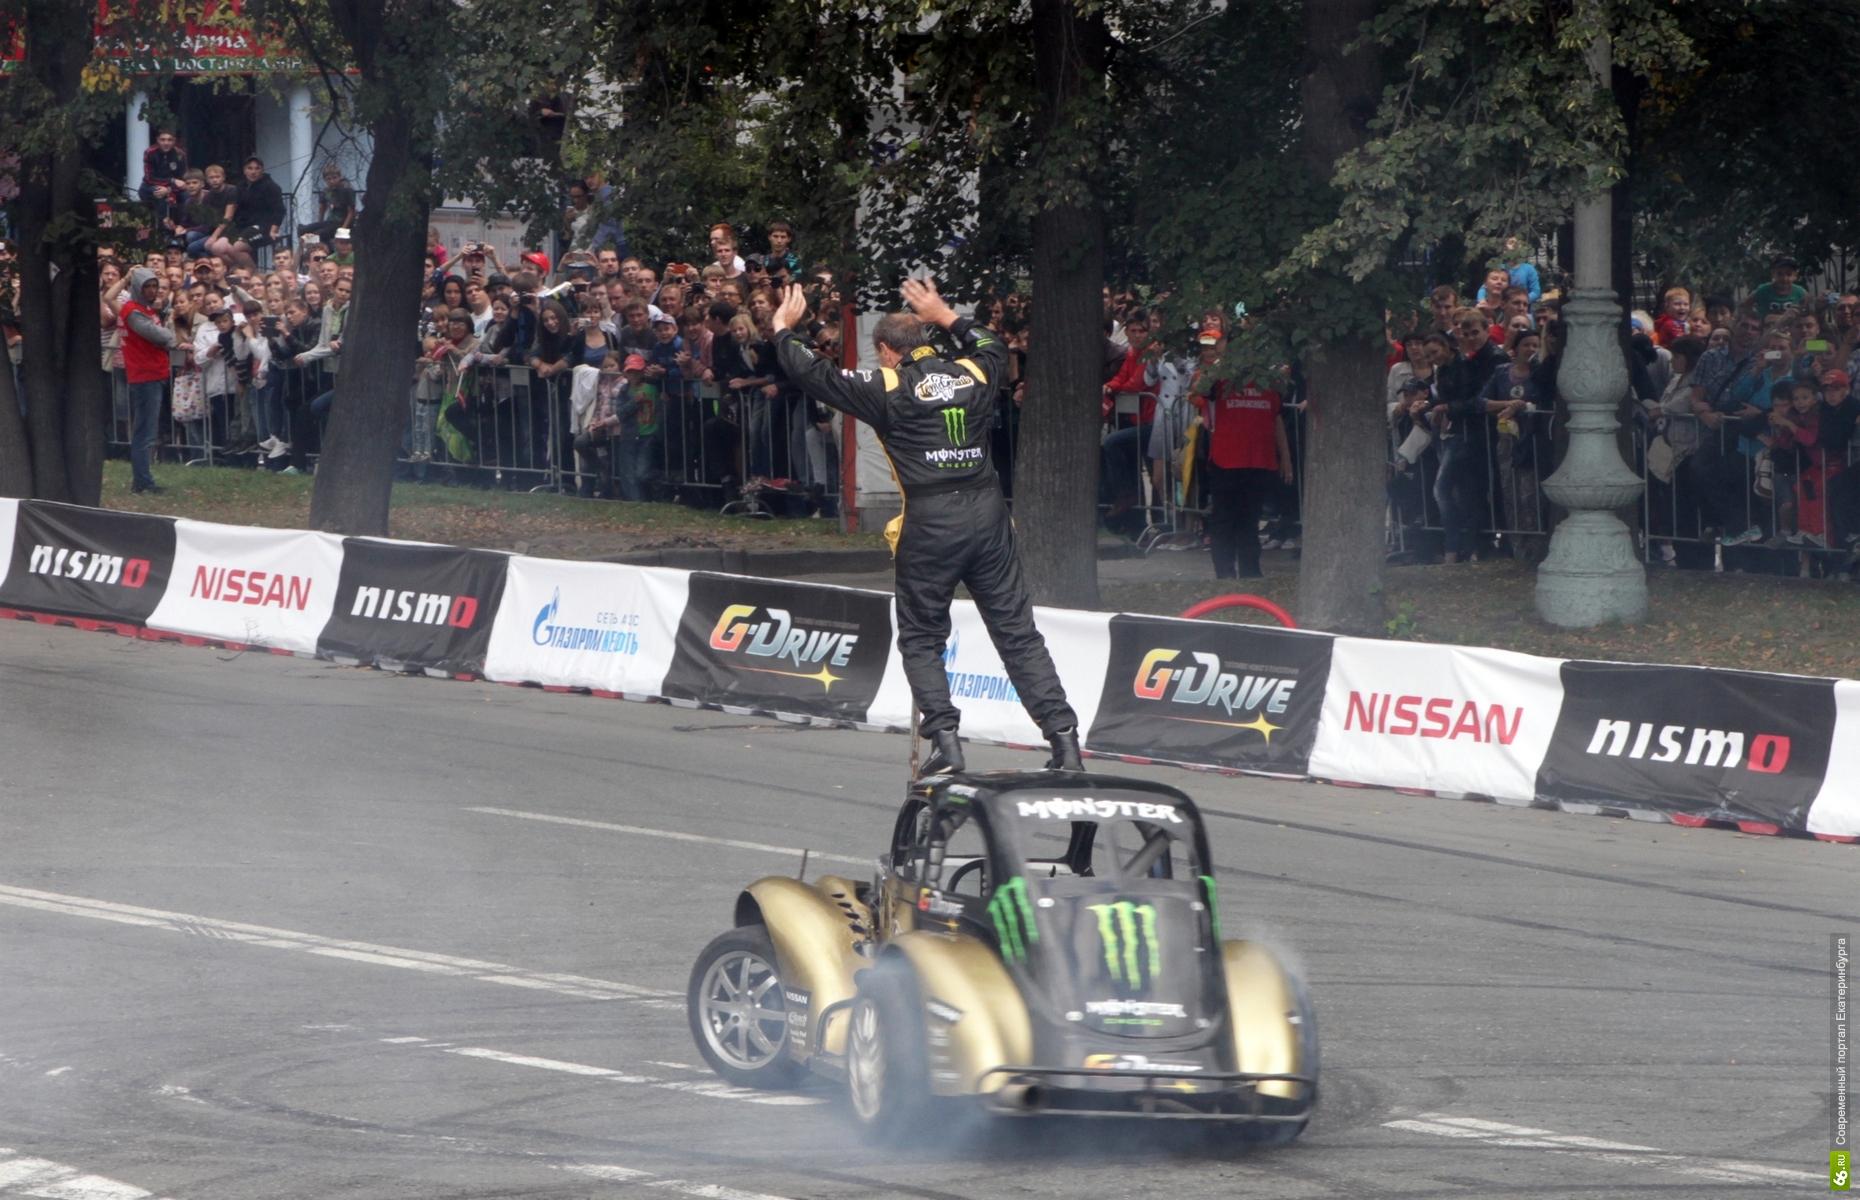 В центр Екатеринбурга везут гоночное шоу. Центр перекроют